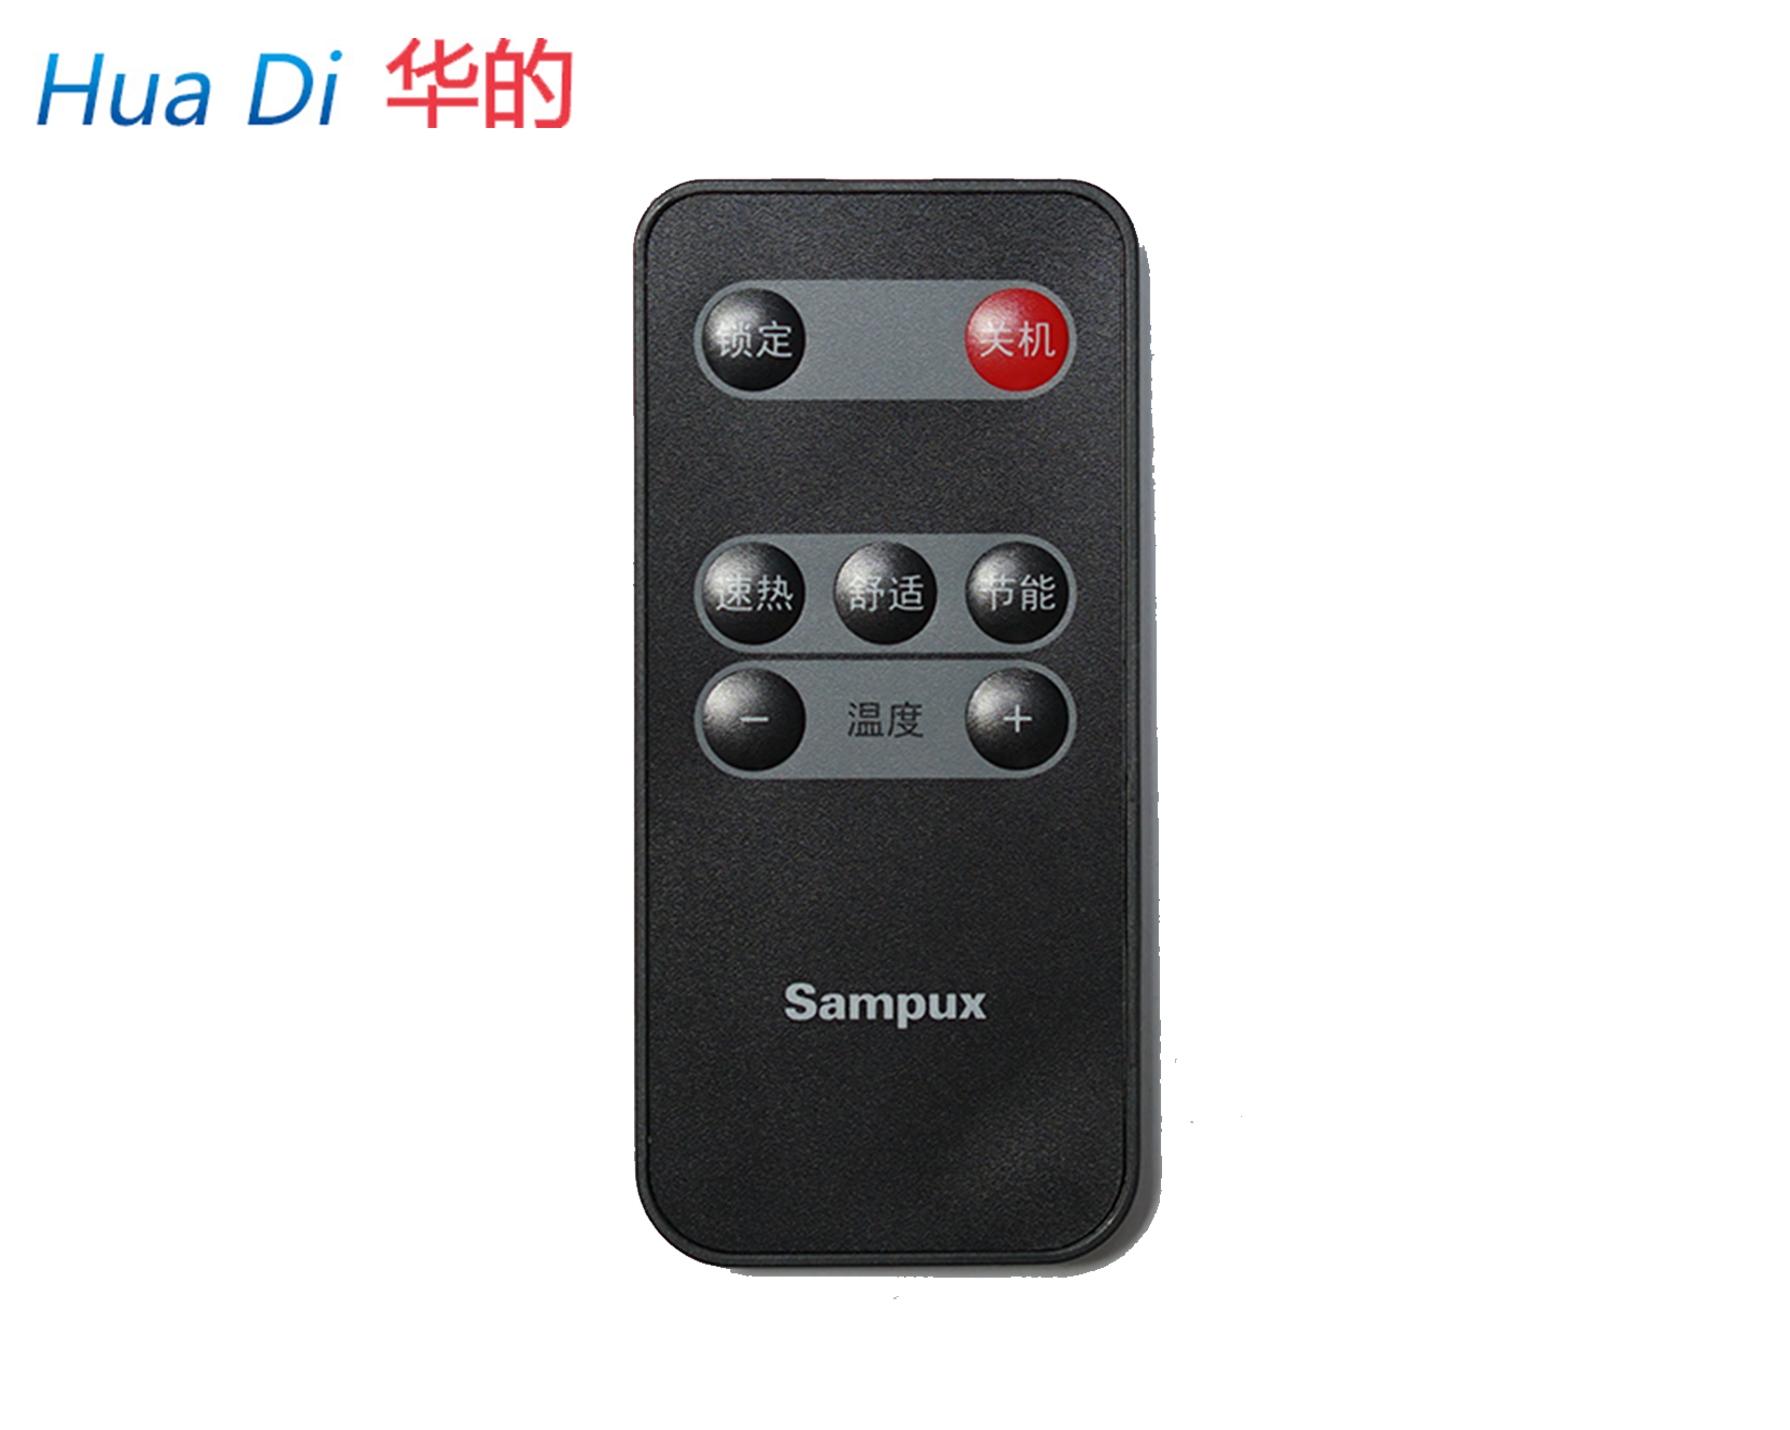 多媒体遥控器HD18B